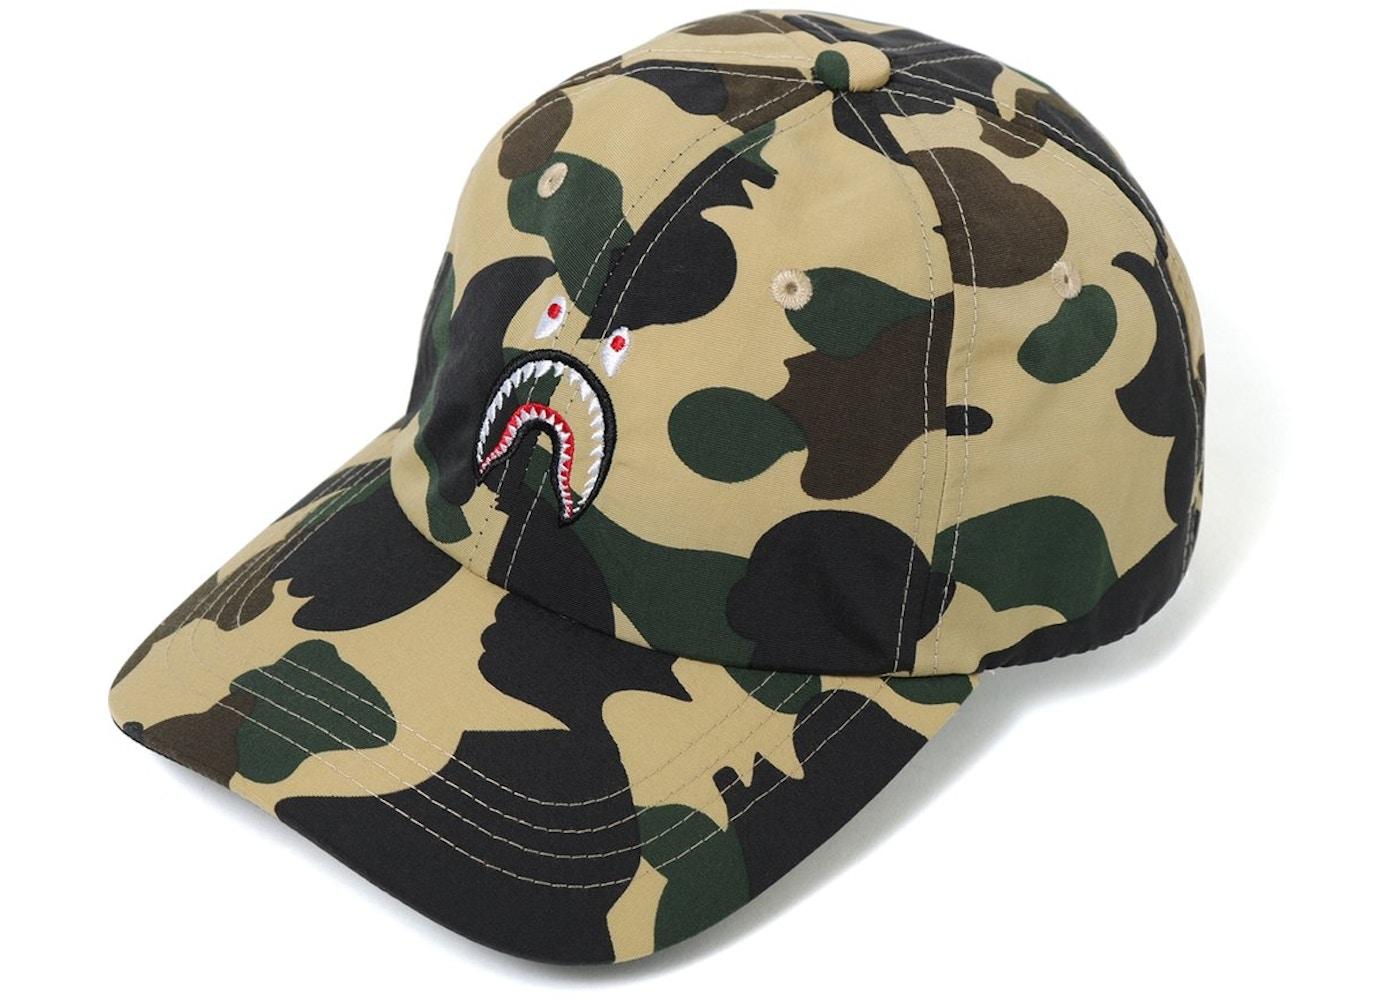 3616ad4e738 Bape Headwear - Buy   Sell Streetwear